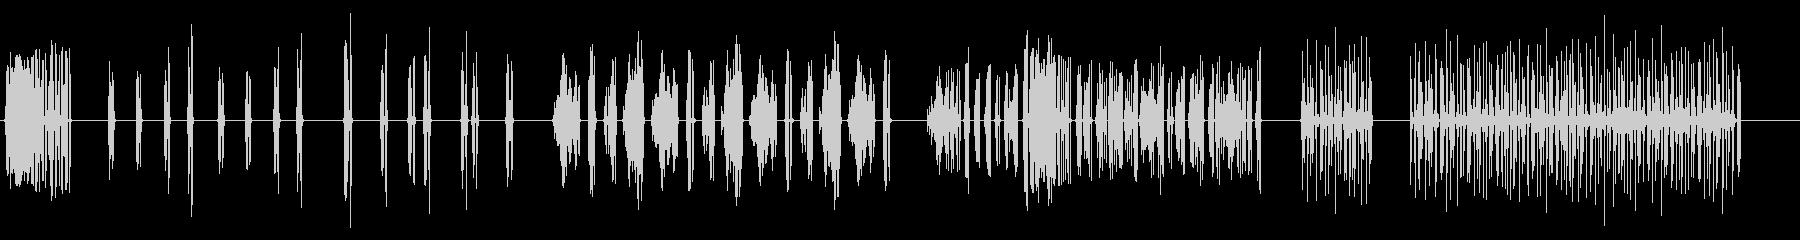 フロッグクロールフロッグオブビッグ...の未再生の波形